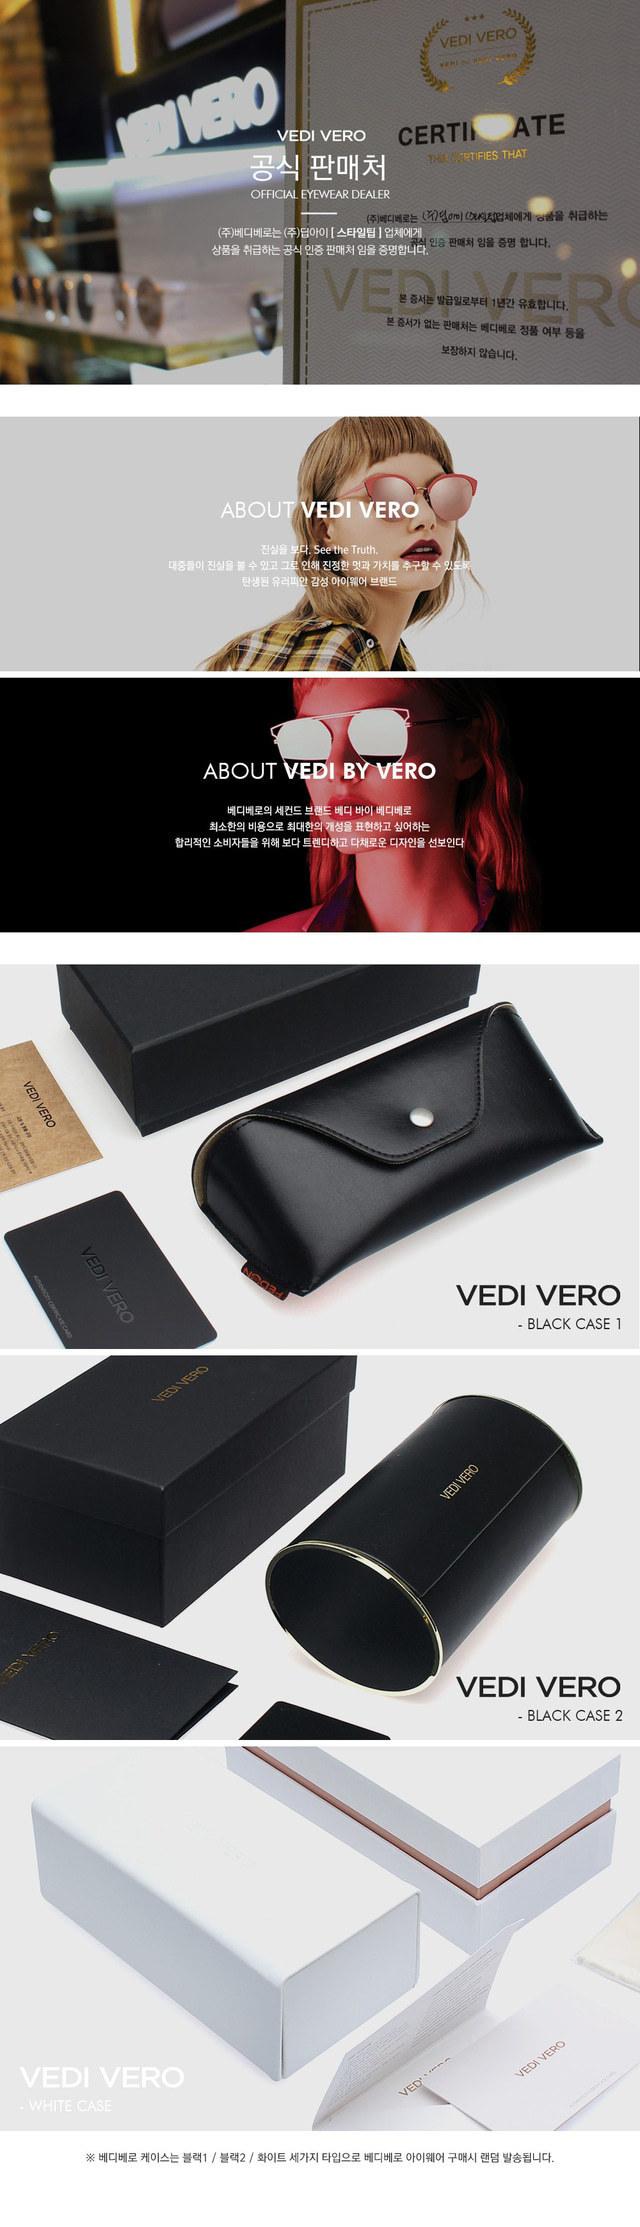 Vedi Vero Bedi Vero VE601 WHC